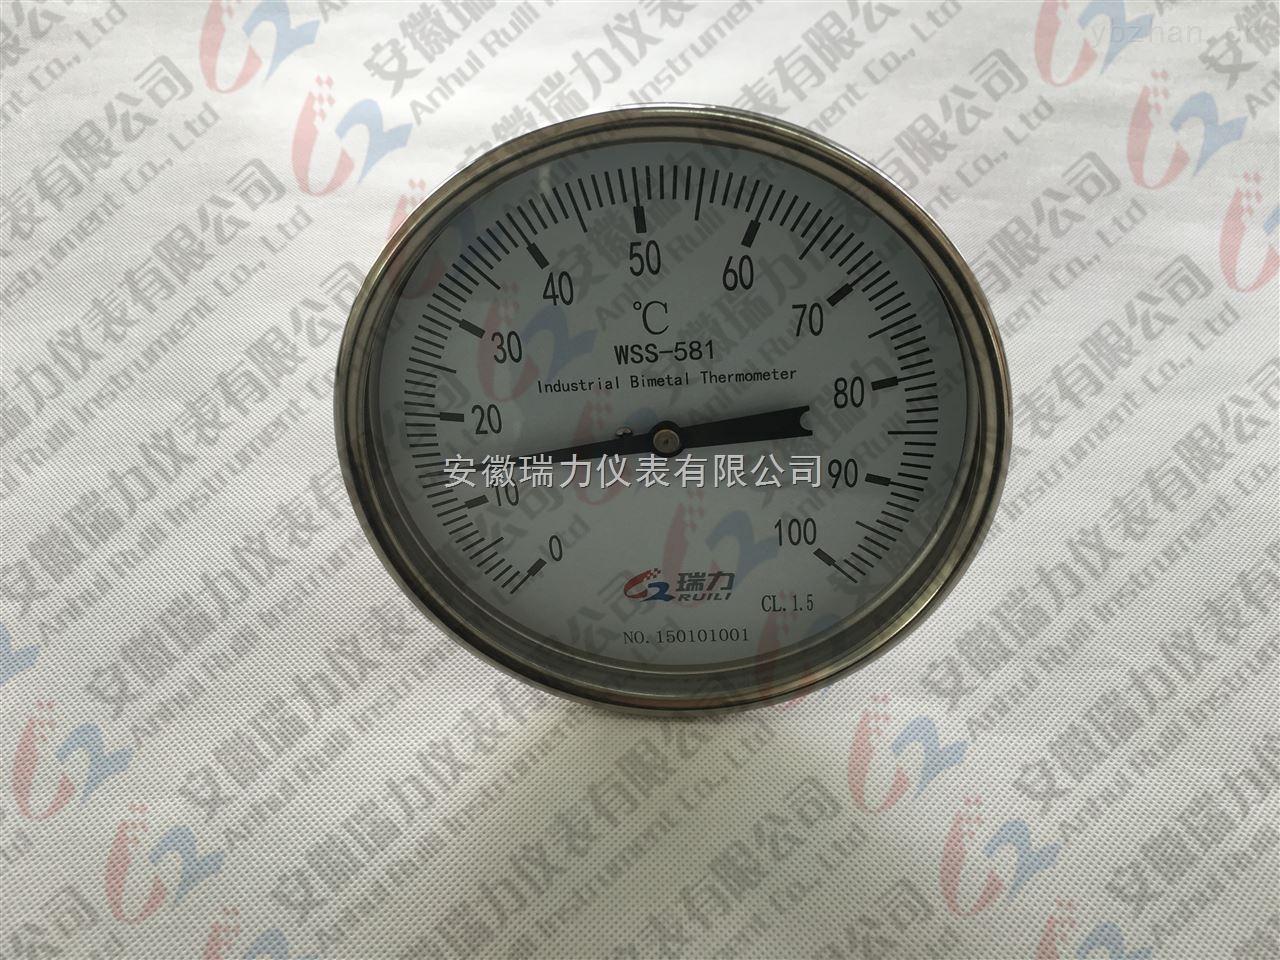 仪表的诱惑 双金属温度计WSS-581 精心定制 努力为您改变自己